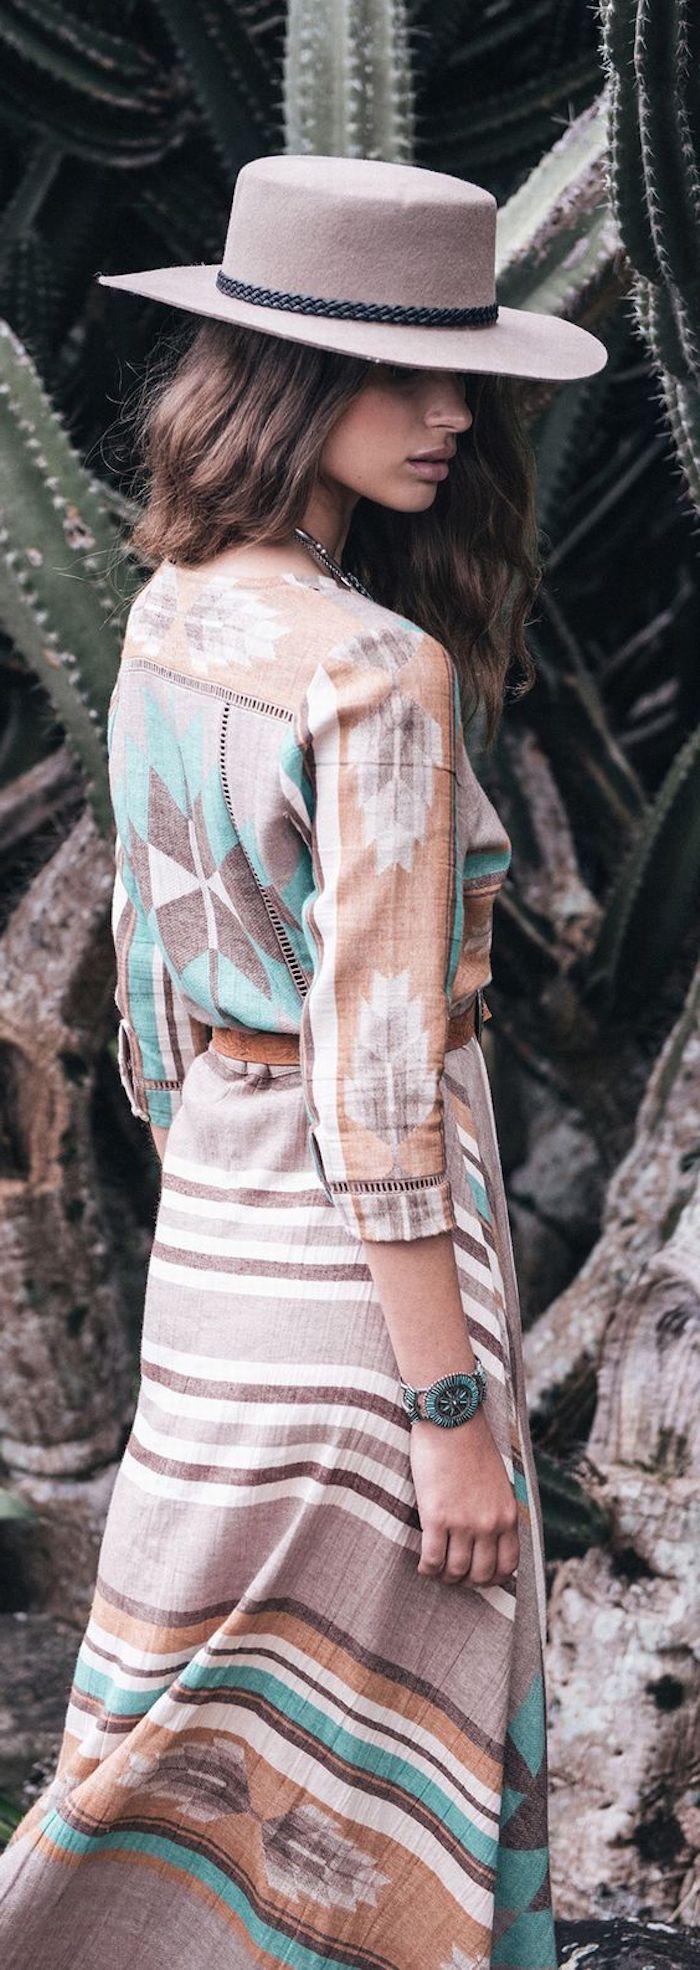 La Robe Champêtre Chic Adopter Ce Style Tendance Pour La Saison